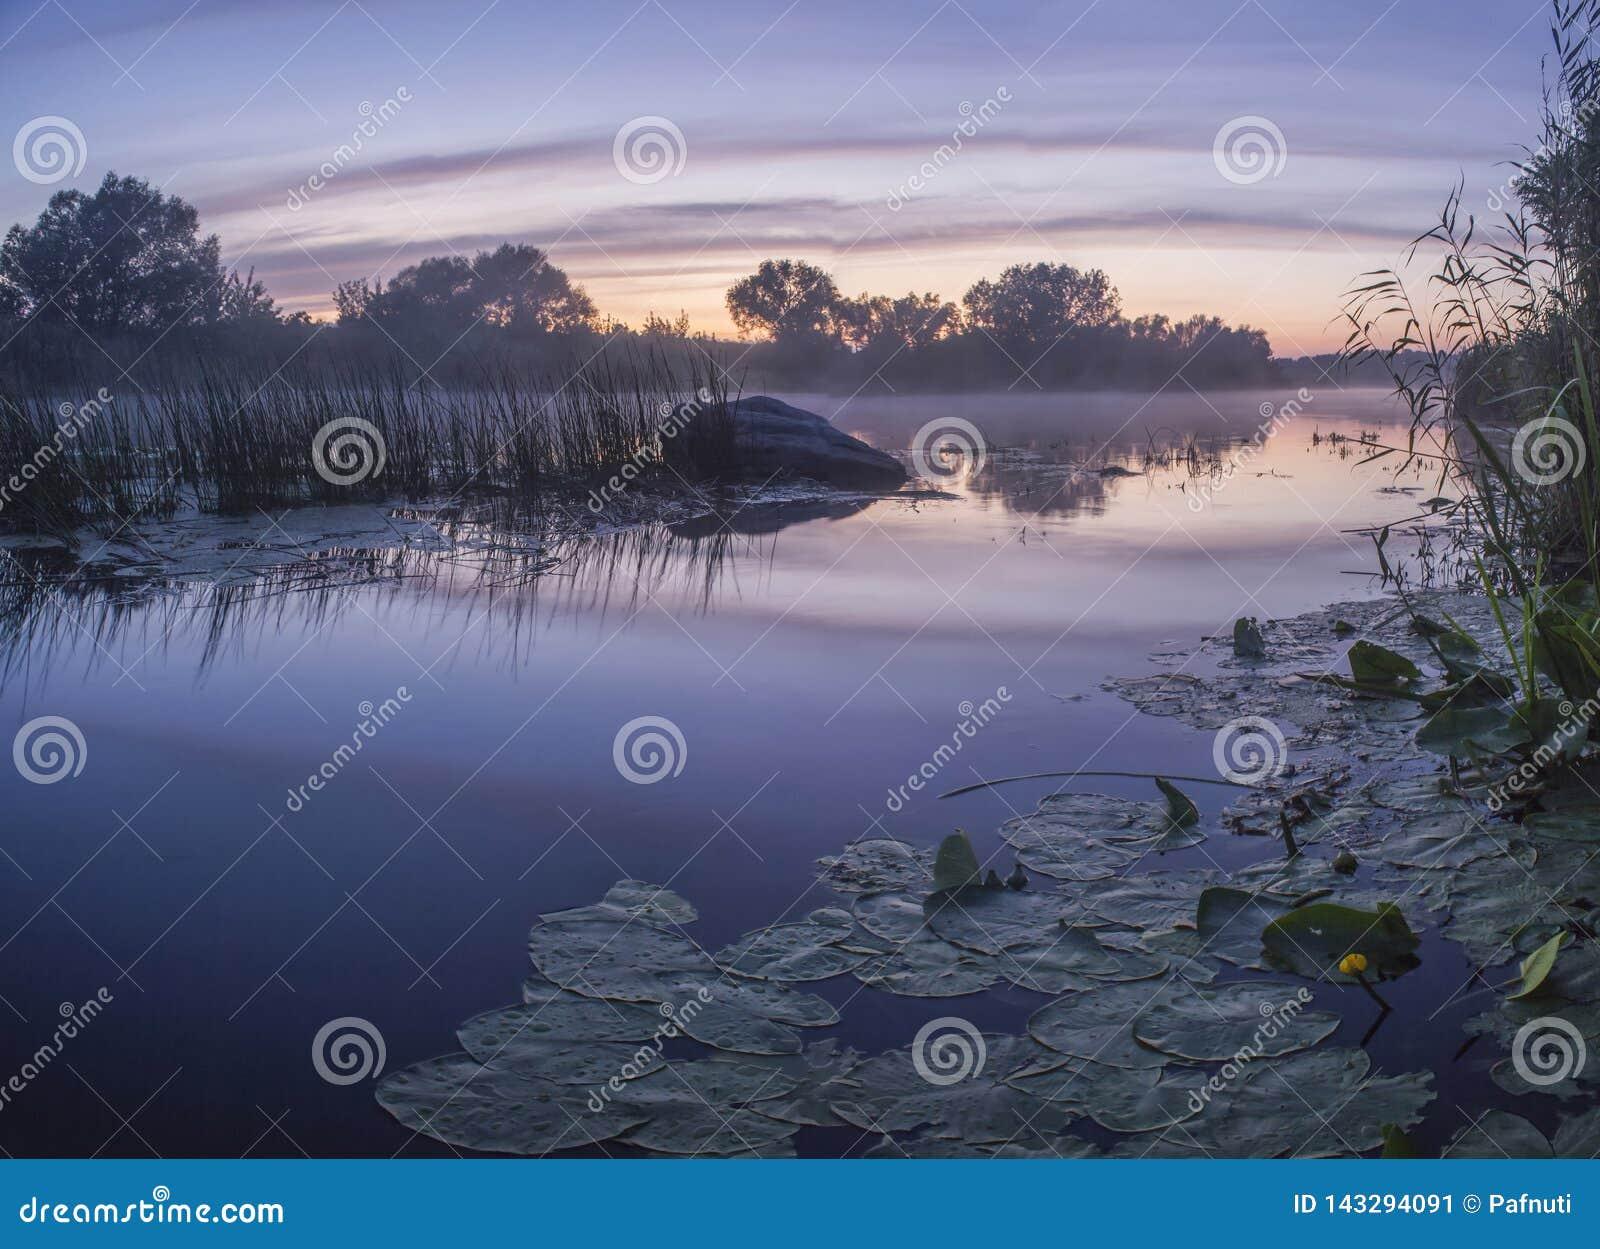 Mgłowy lato krajobraz z małą lasową rzeką